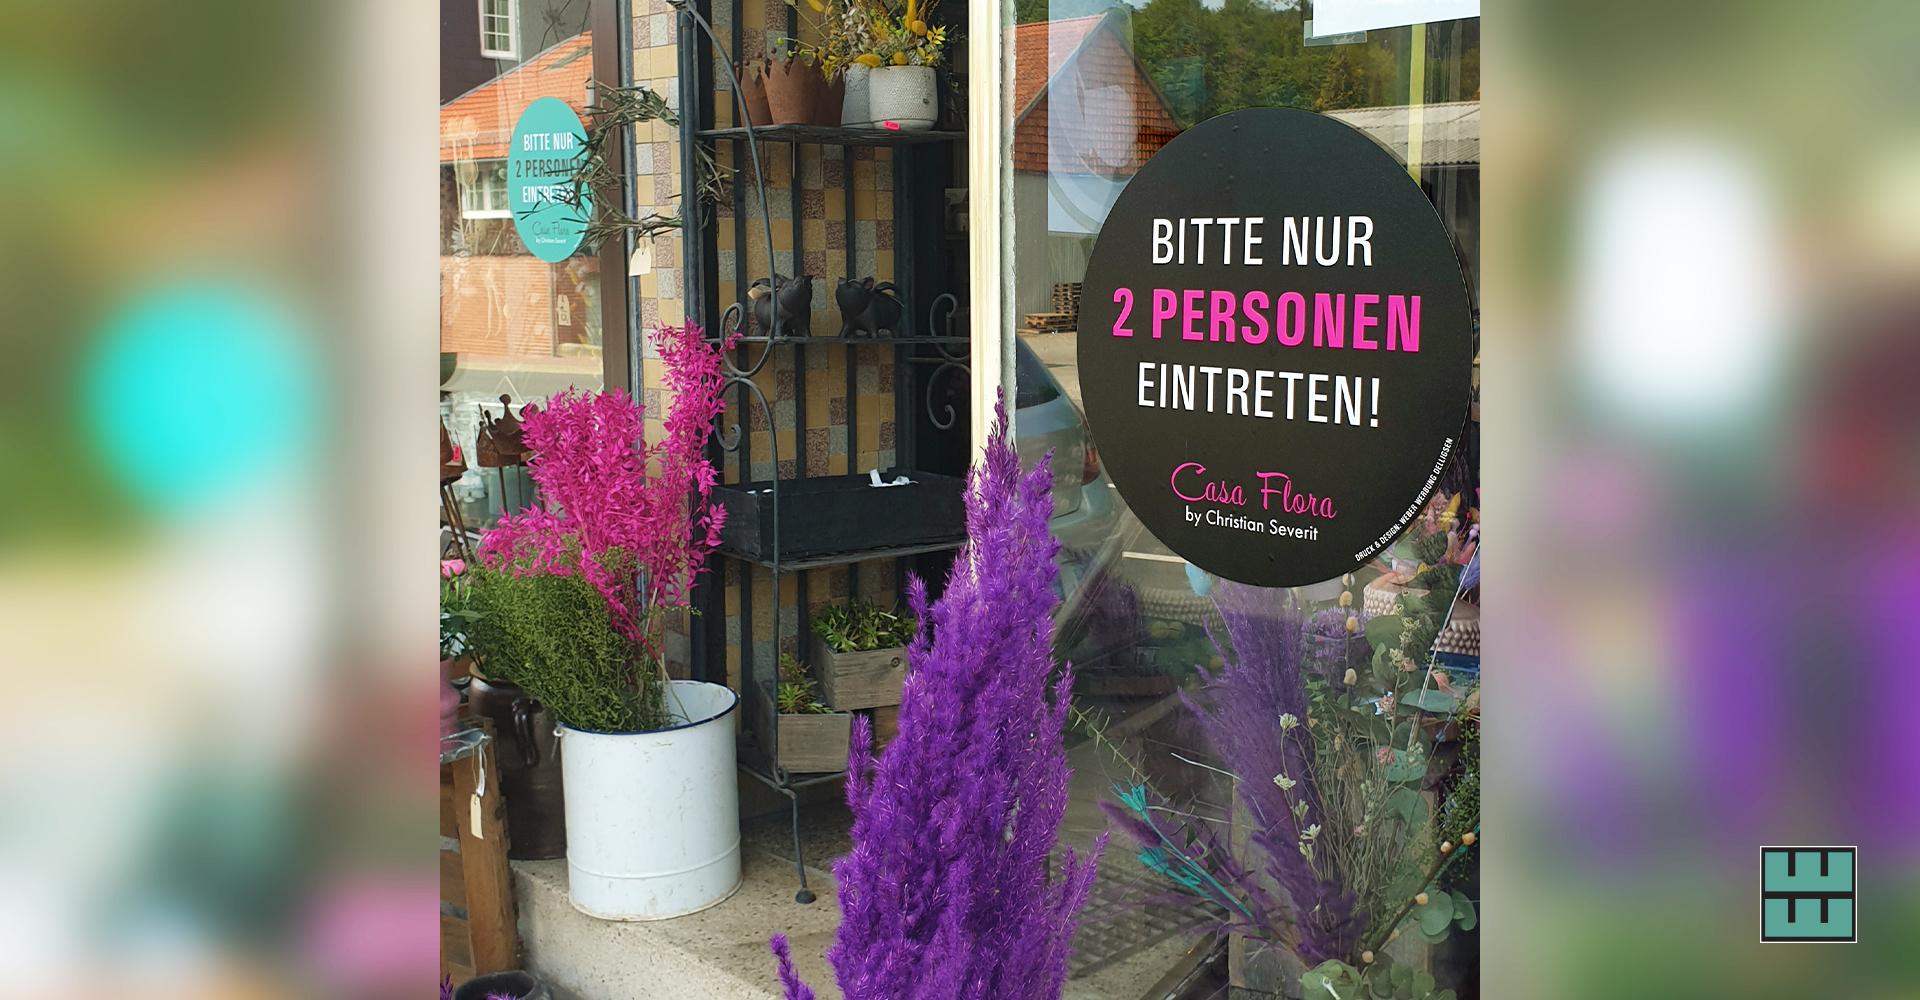 Casa Flora by Christian Severit hält sich an die Corona-Hygieneregeln (Grünenplan)